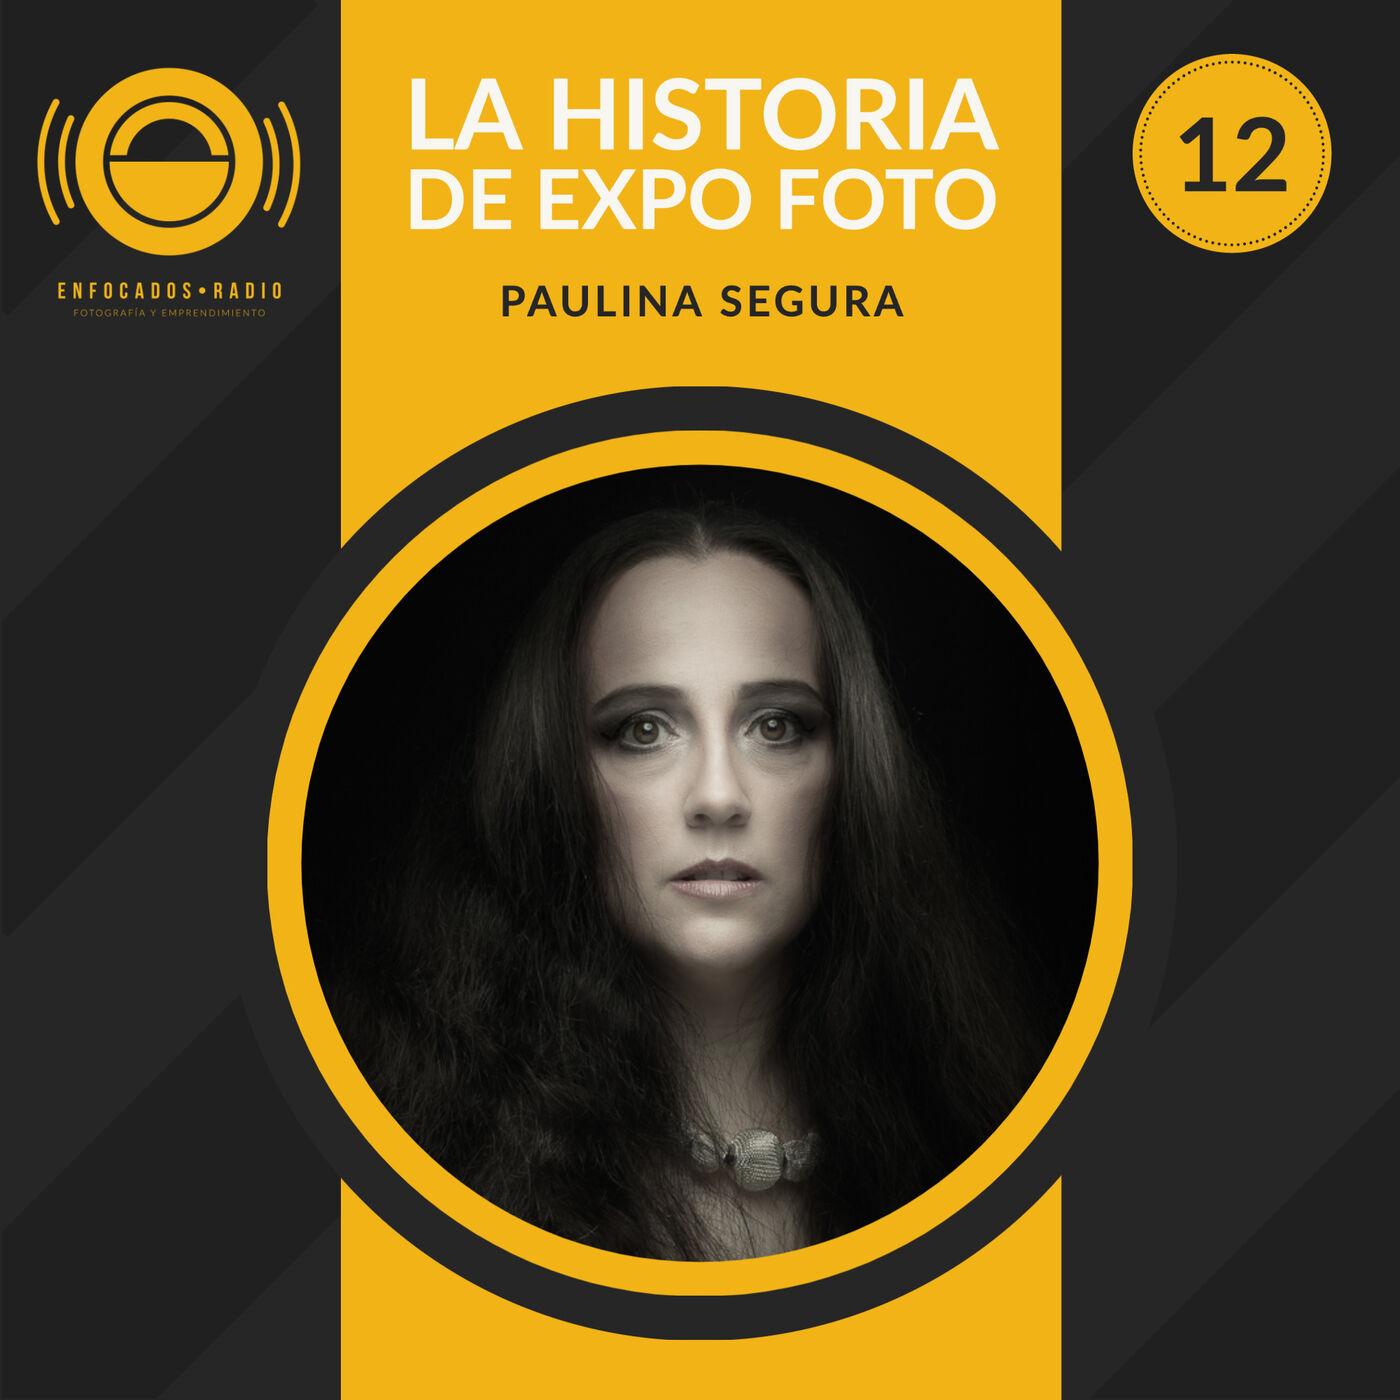 EP012: La historia de Expo Foto Costa Rica